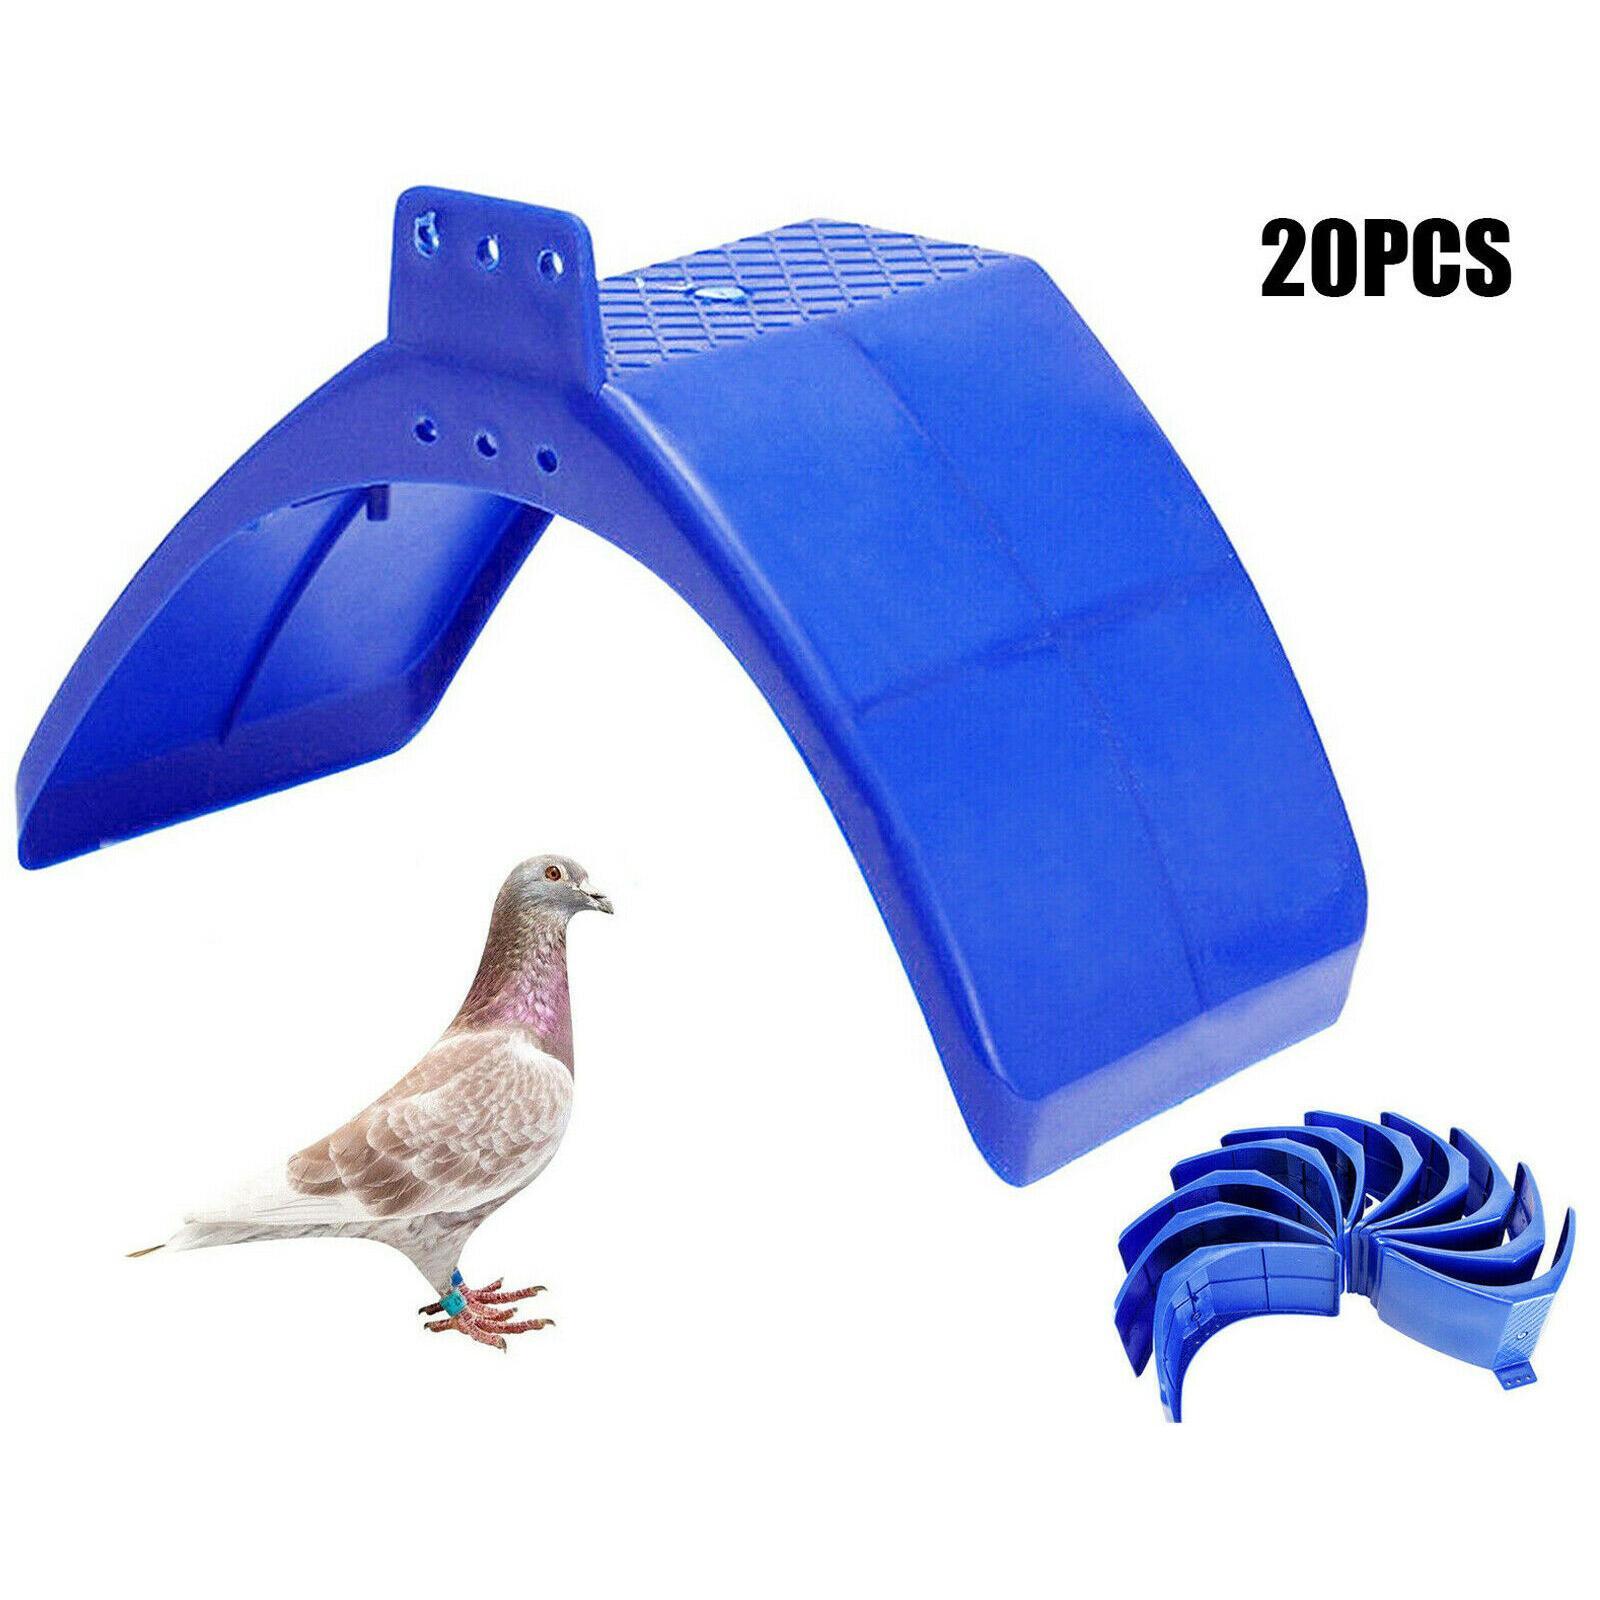 20x piccione Colomba Resto stand Telaio abitazione accessori per la montatura uccelli posatoi Roost Set